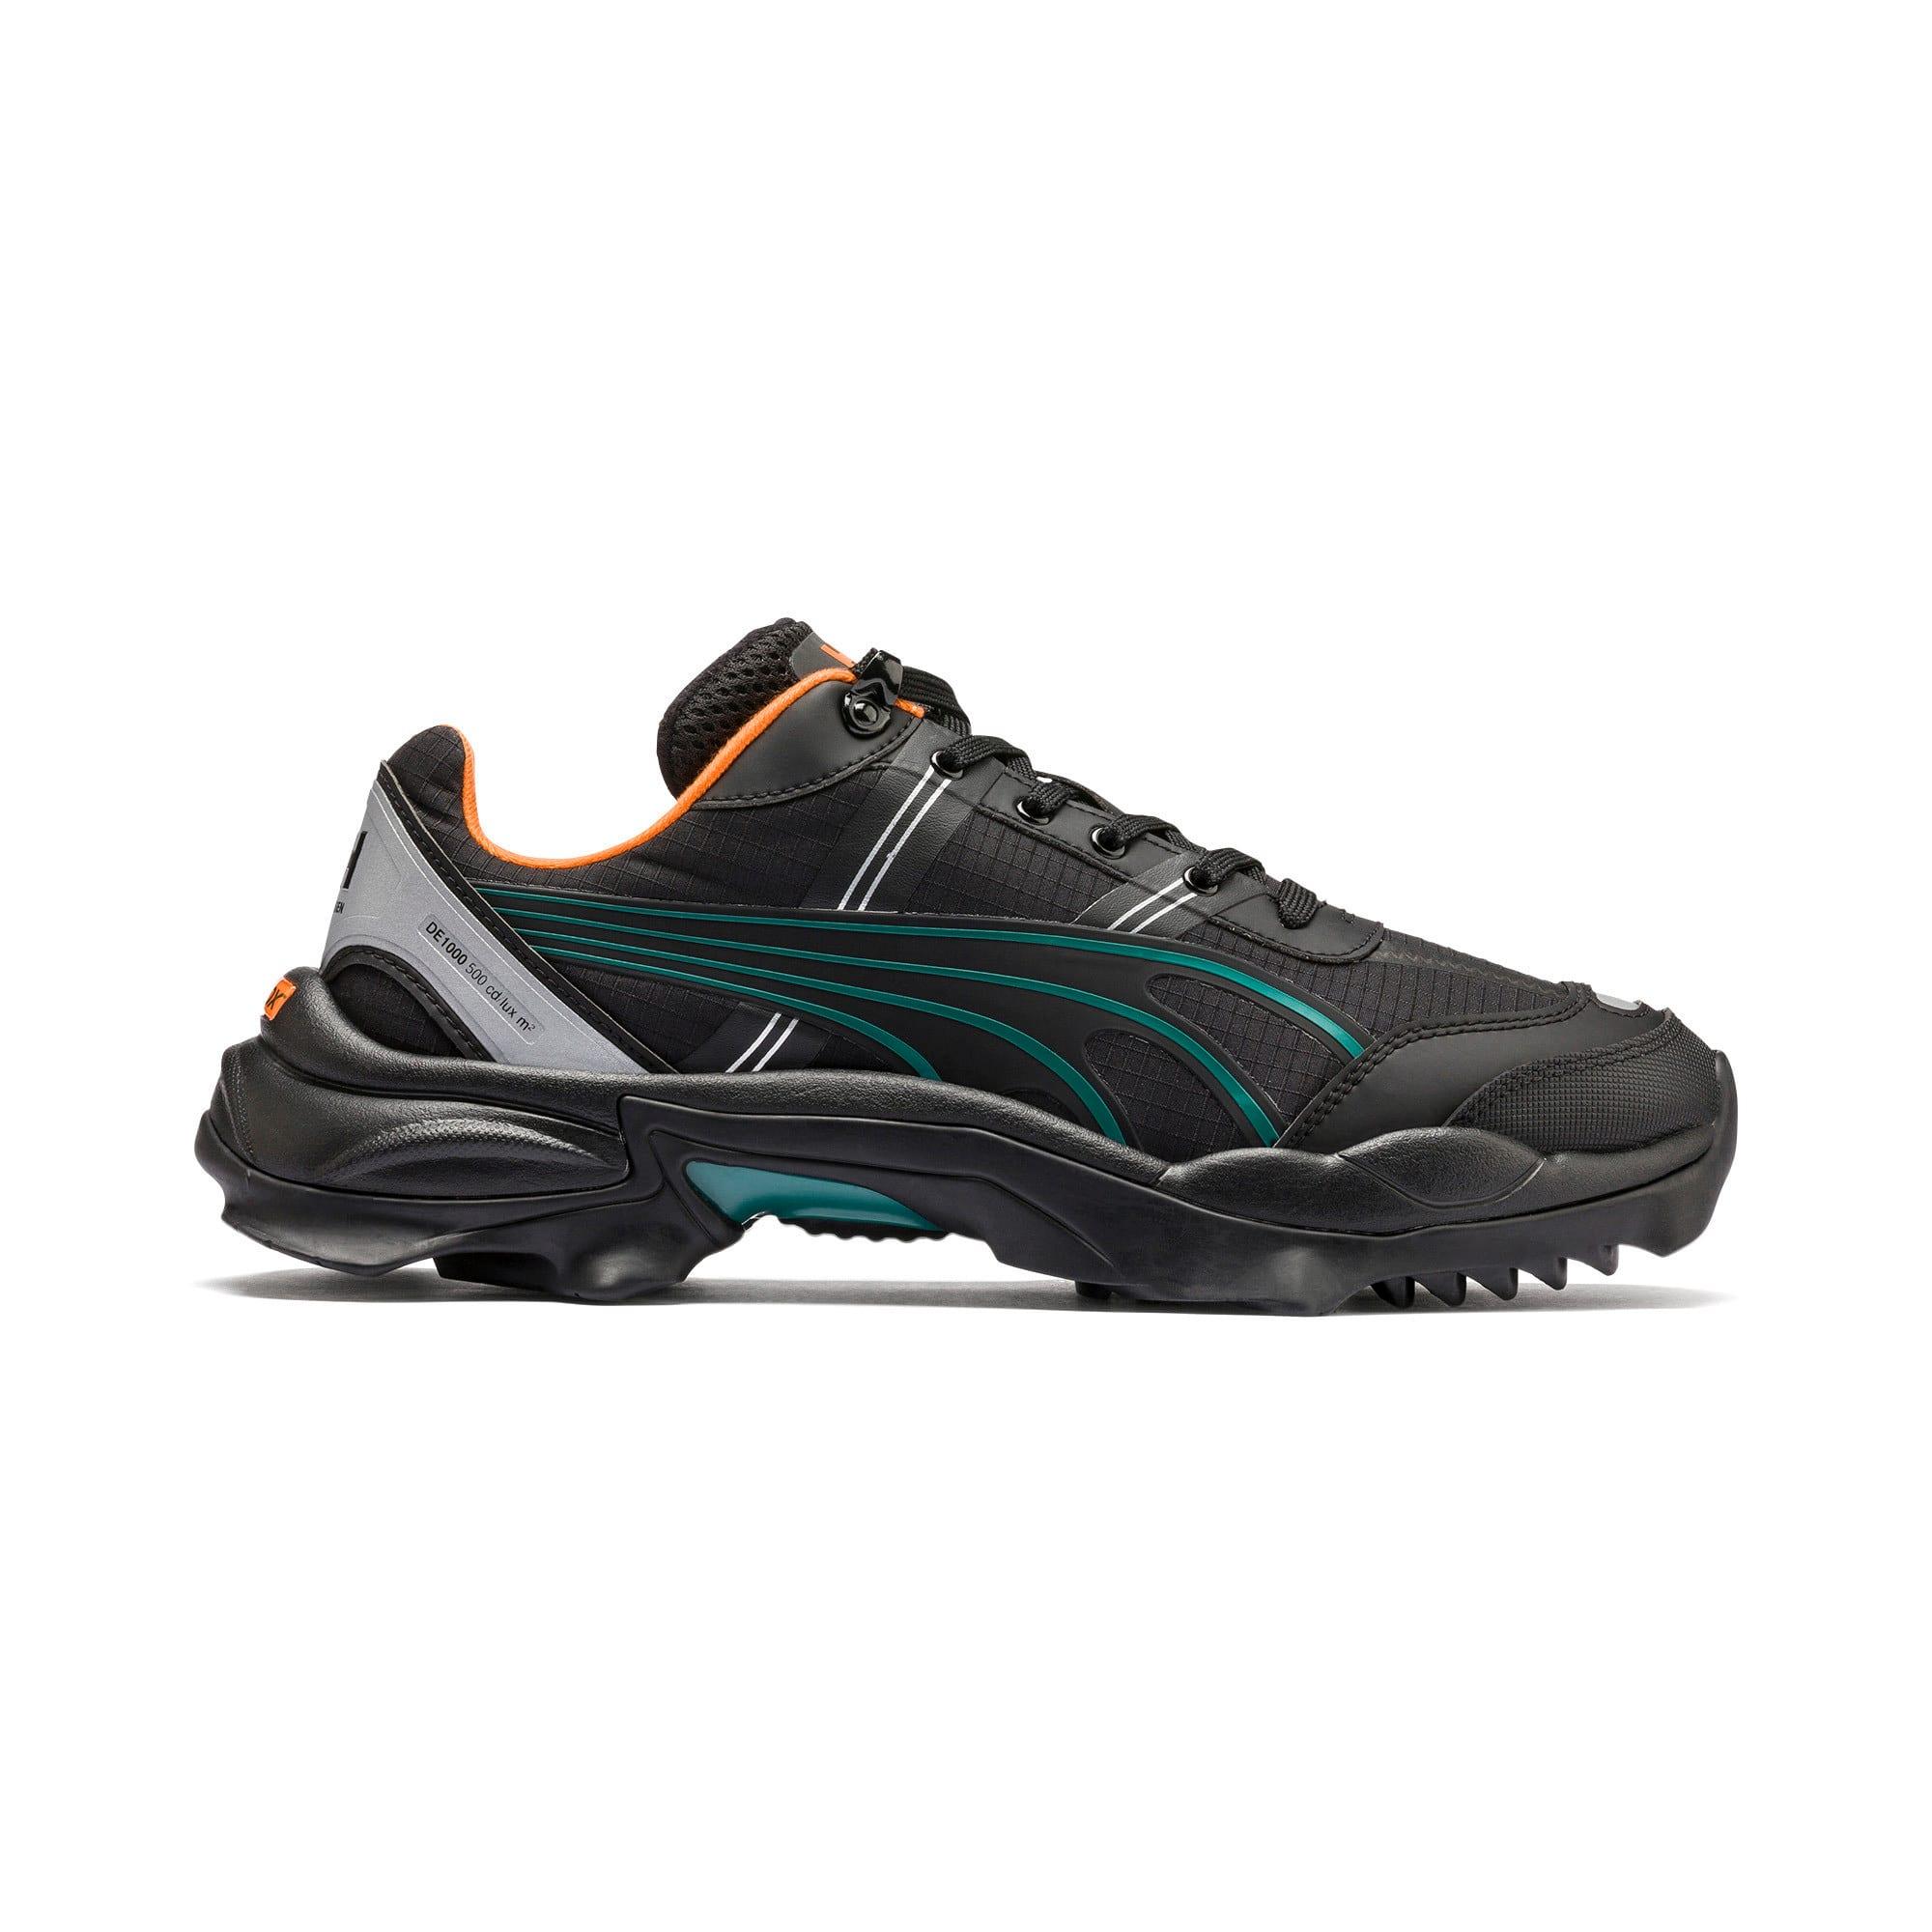 best sneakers 106df 79237 Scarpe da ginnastica PUMA x HELLY HANSEN Nitefox